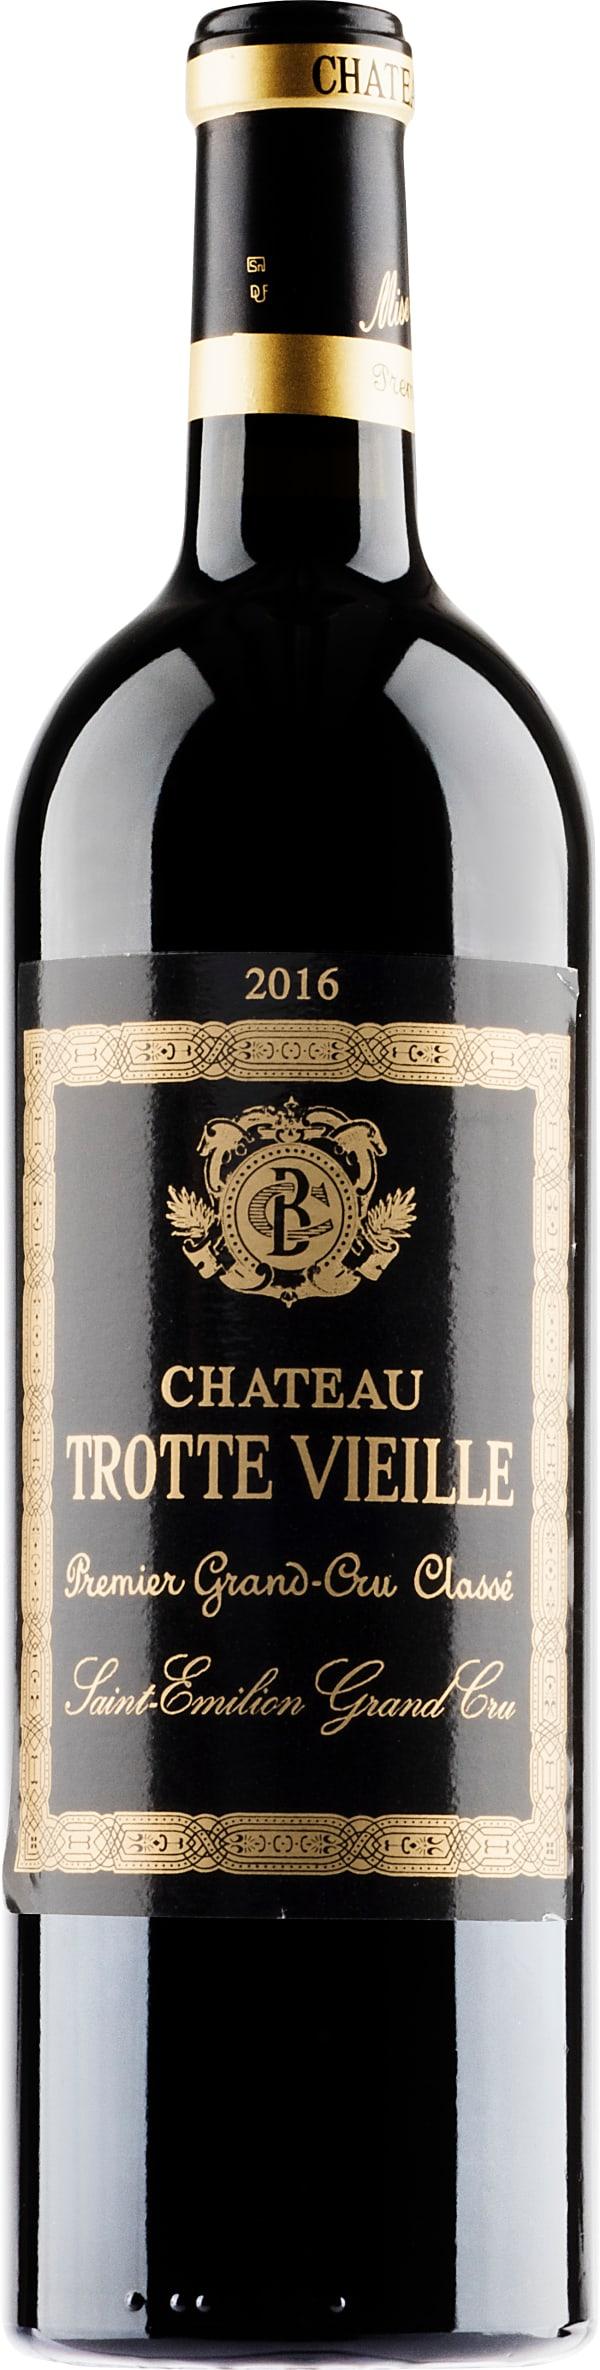 Château Trotte Vieille 2016